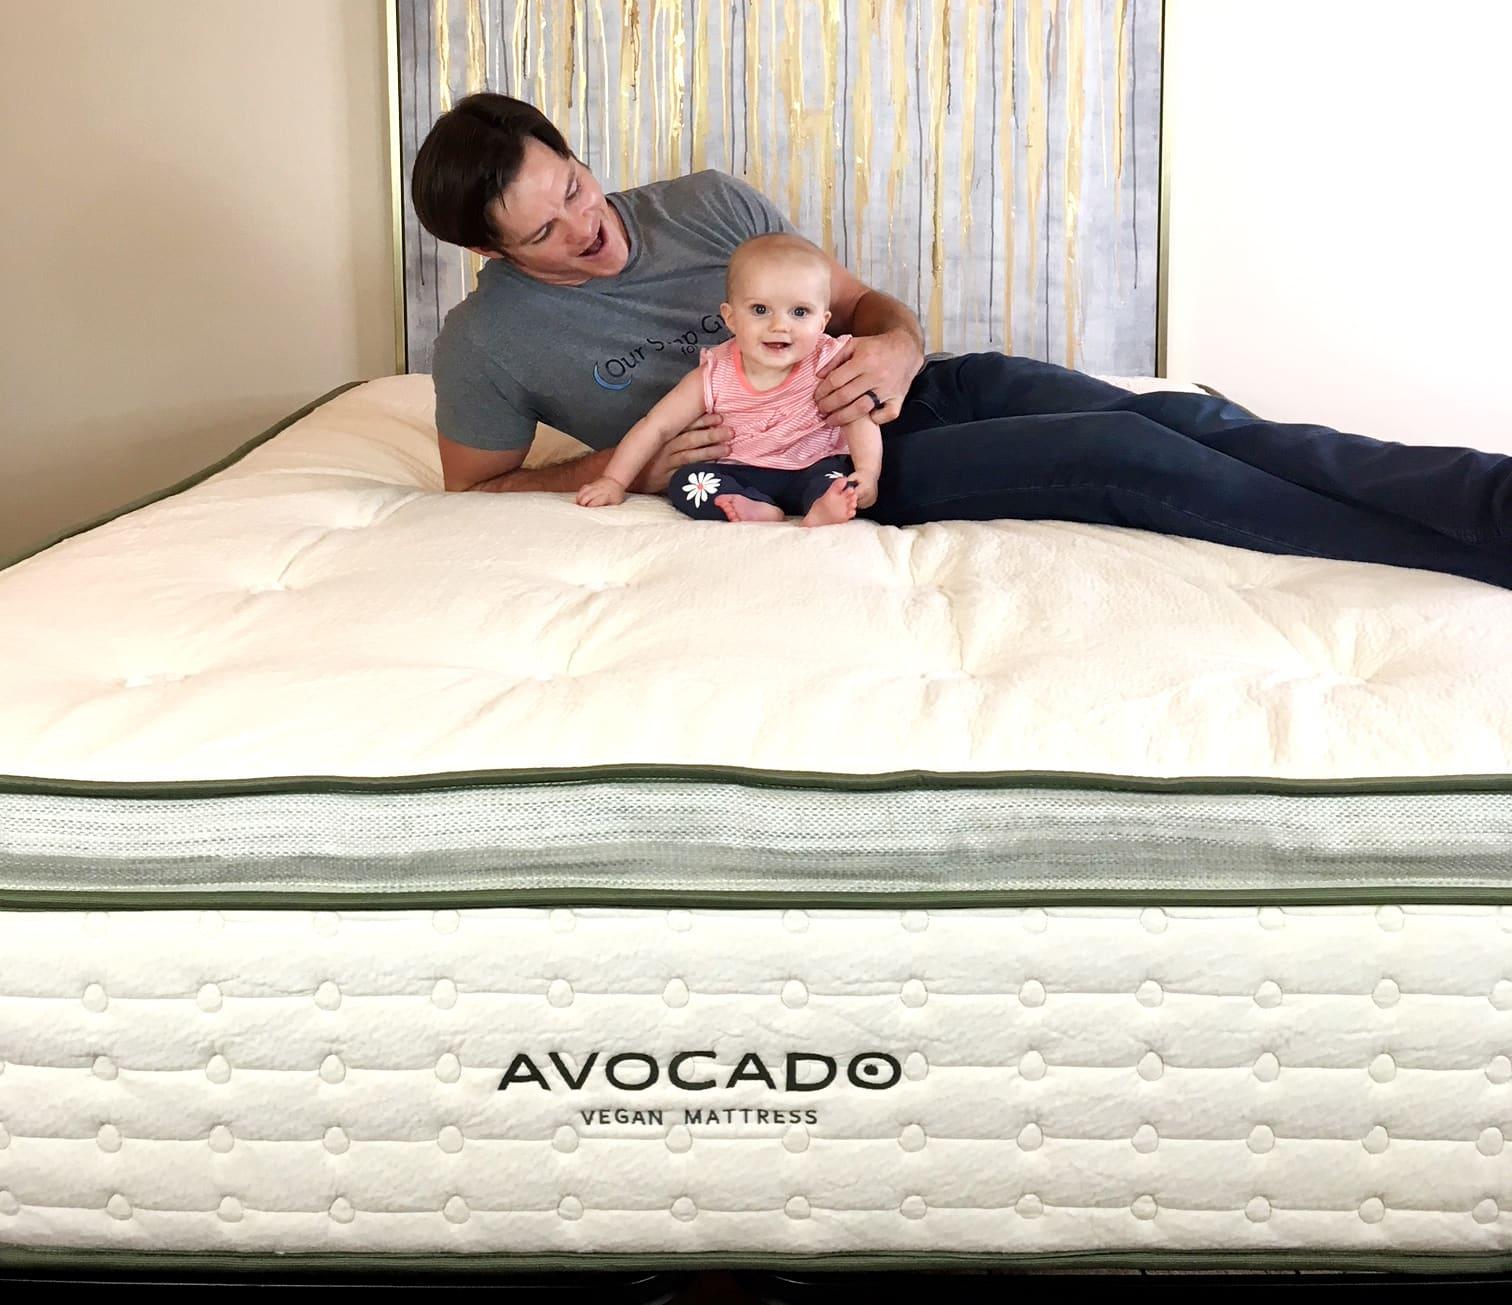 best mattress avocado